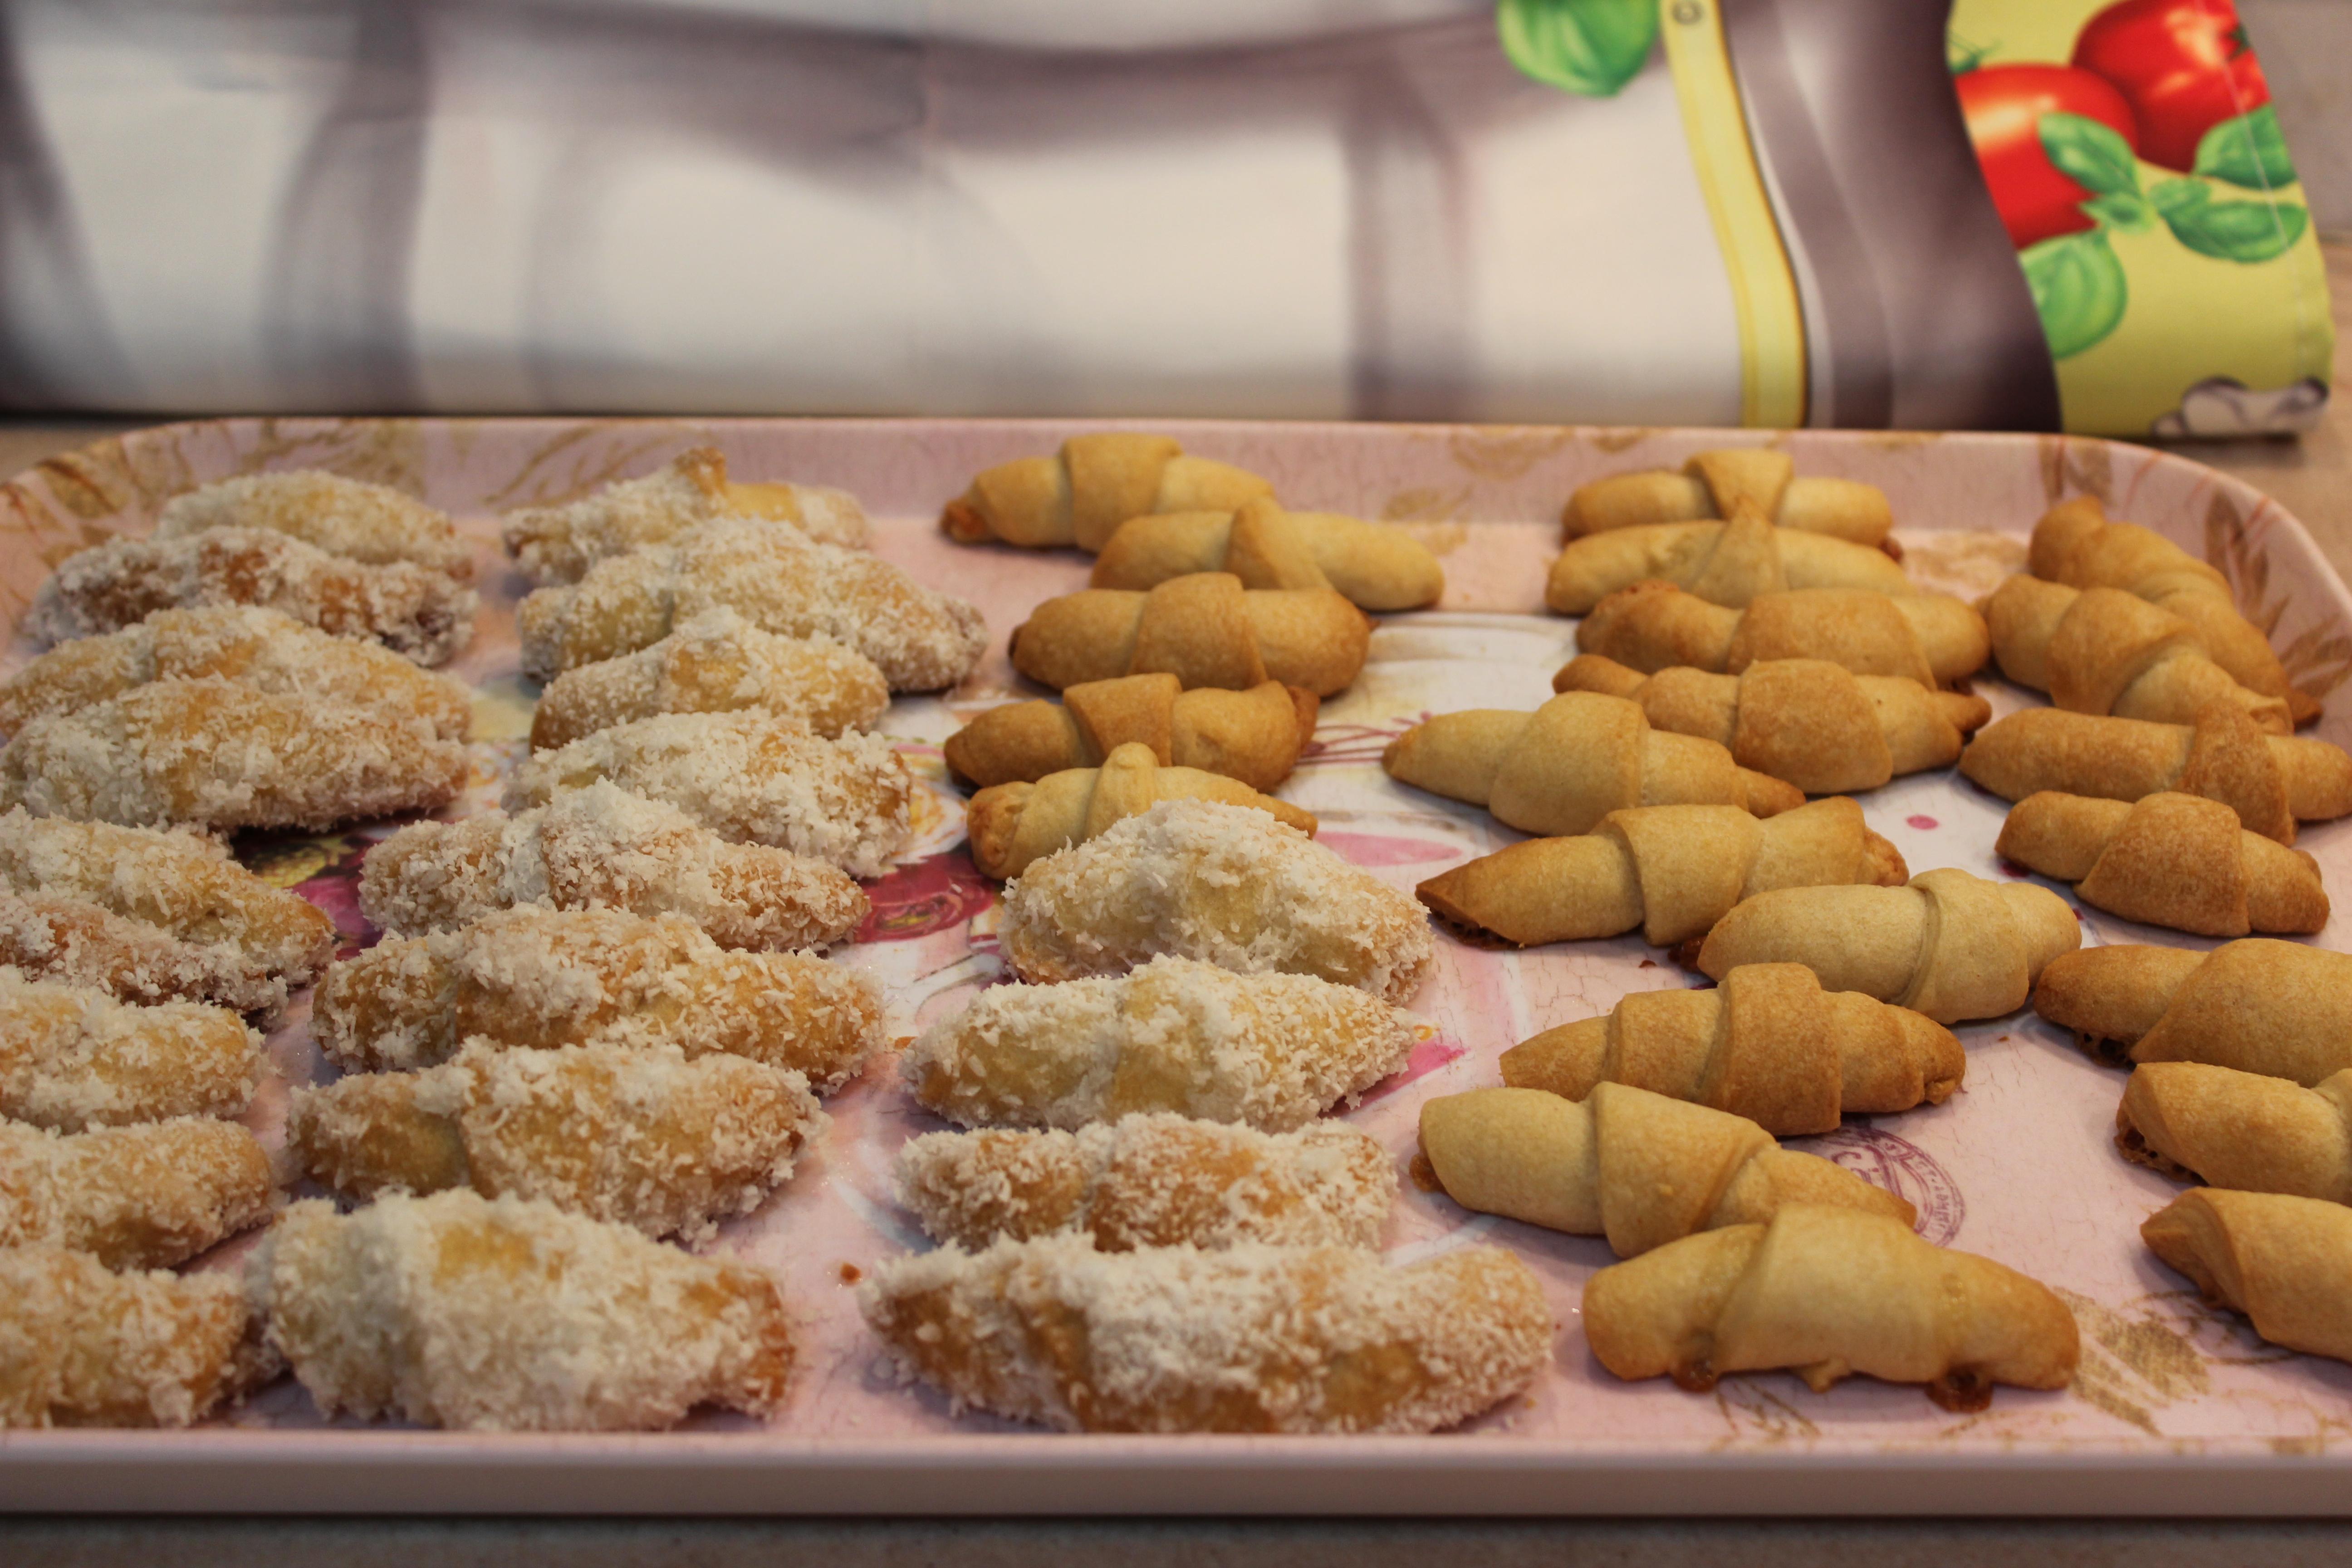 עוגיות תוניסאיות